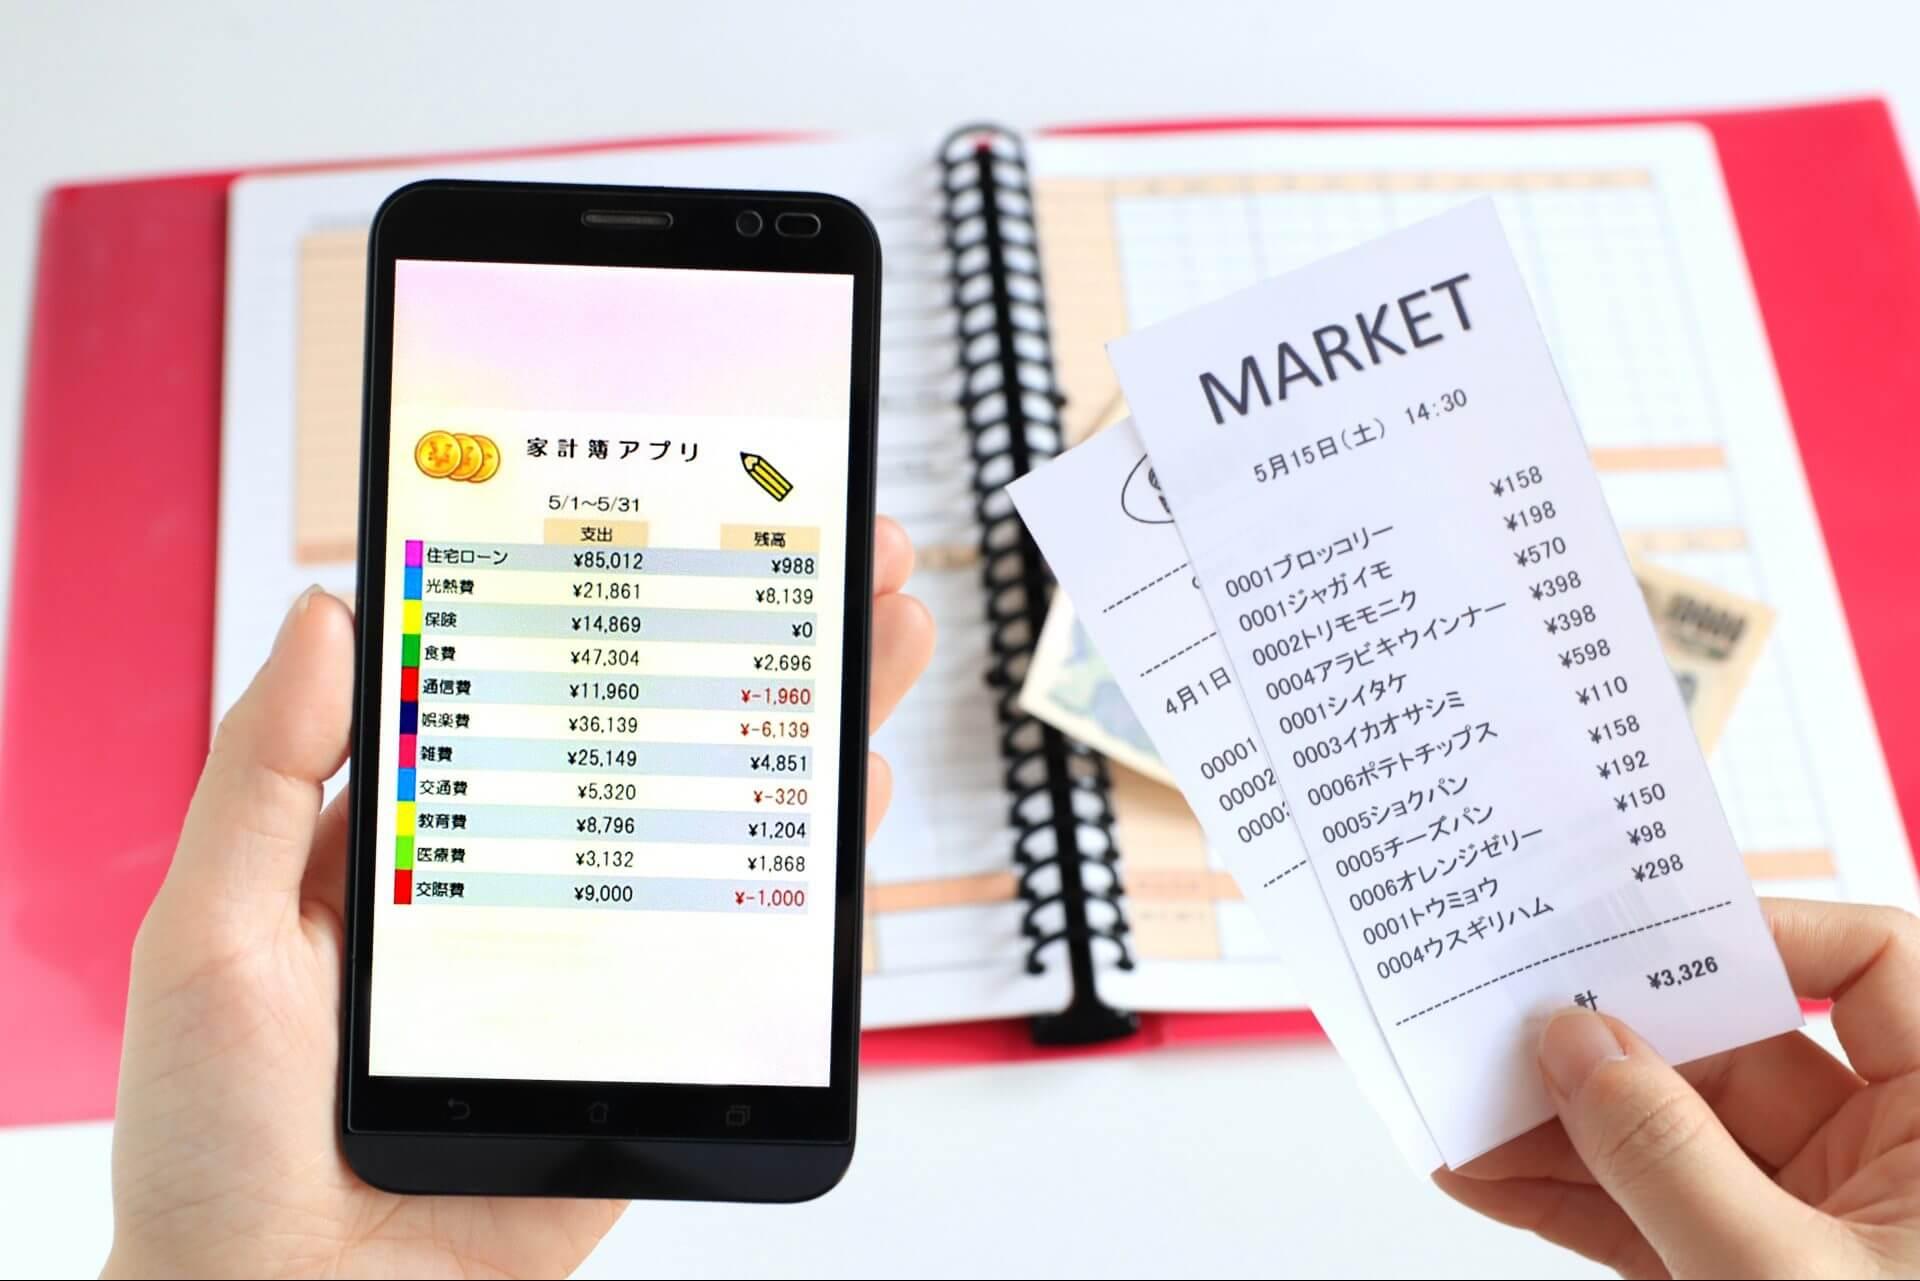 人気の家計簿アプリ、選ぶポイントは?違いはなに?